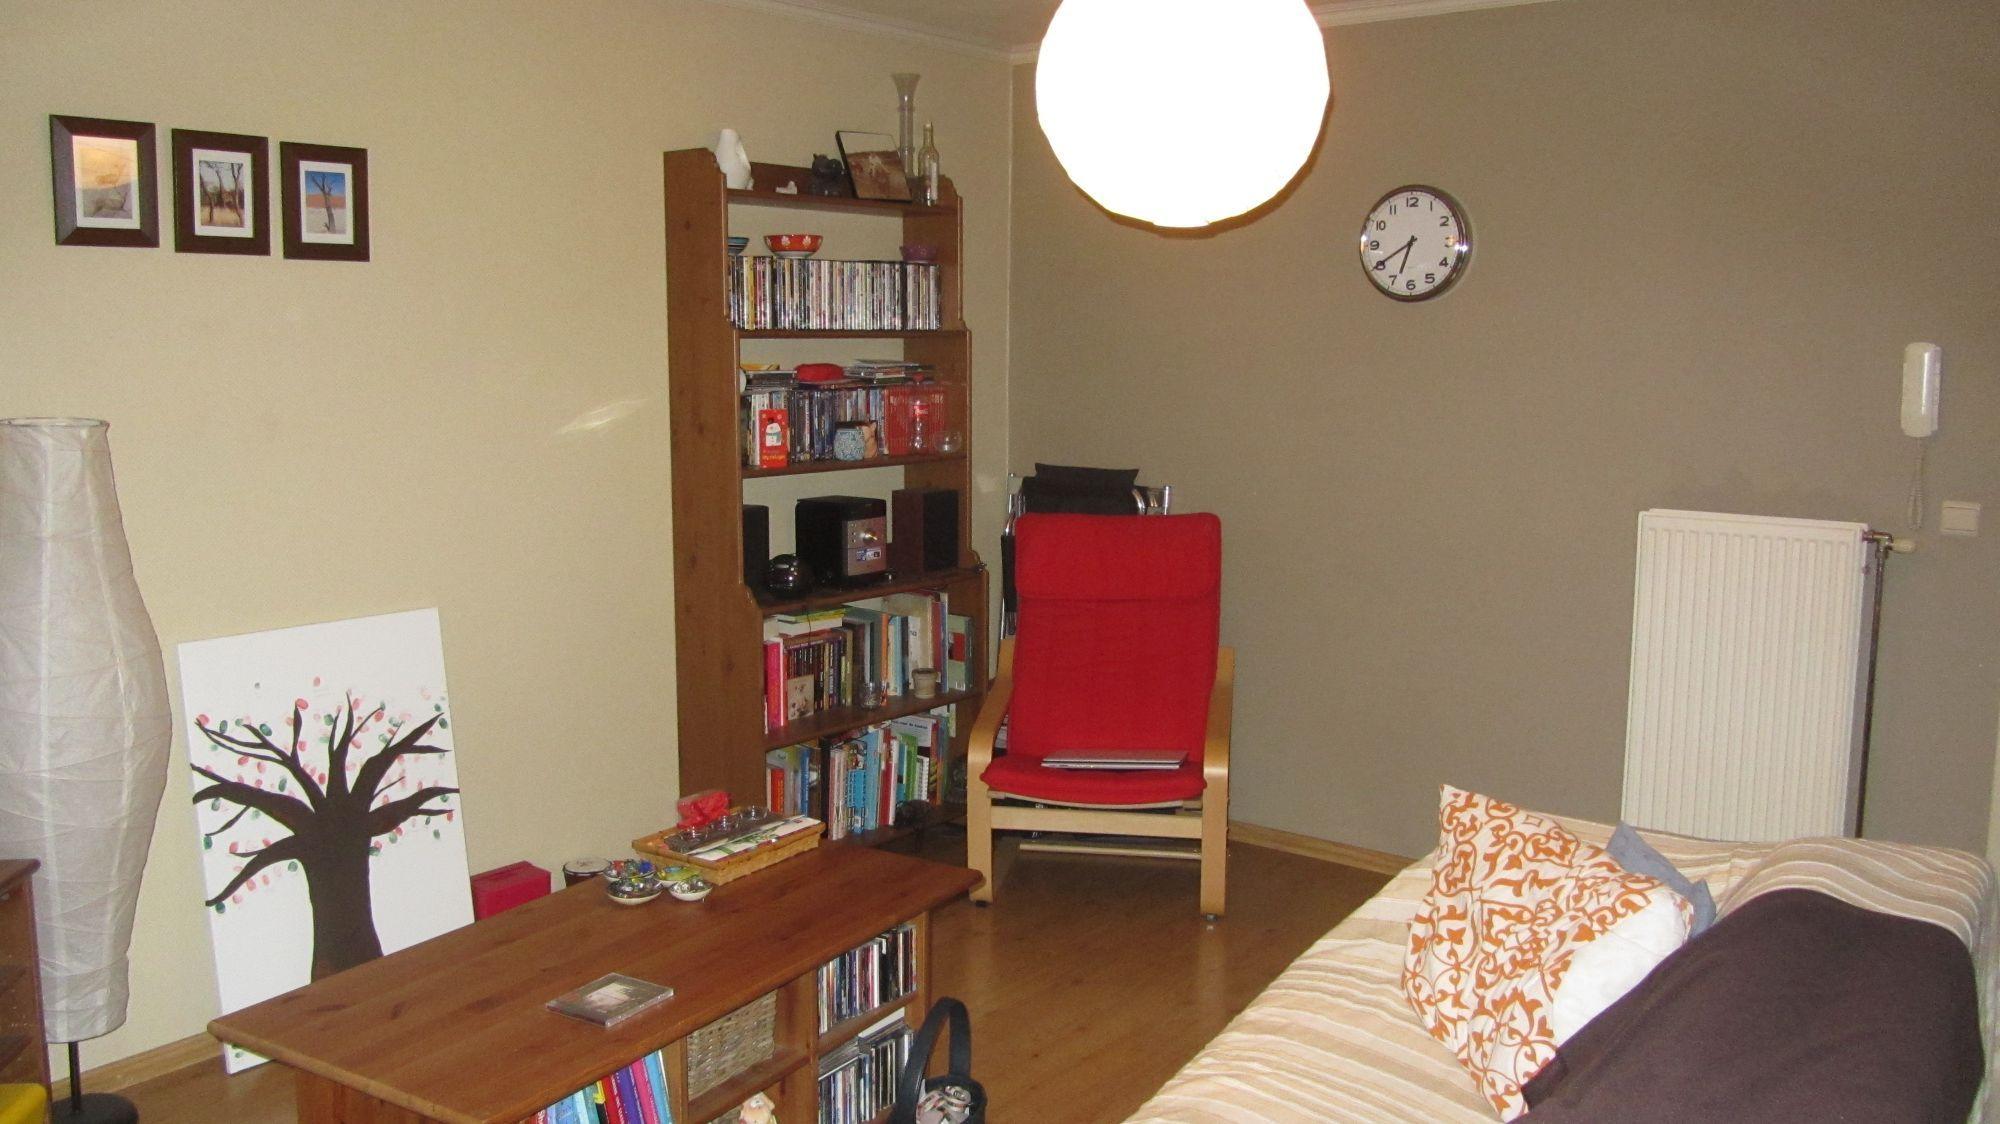 Appartement met 1 slaapkamer te huur in Mol (2400) - Zimmo